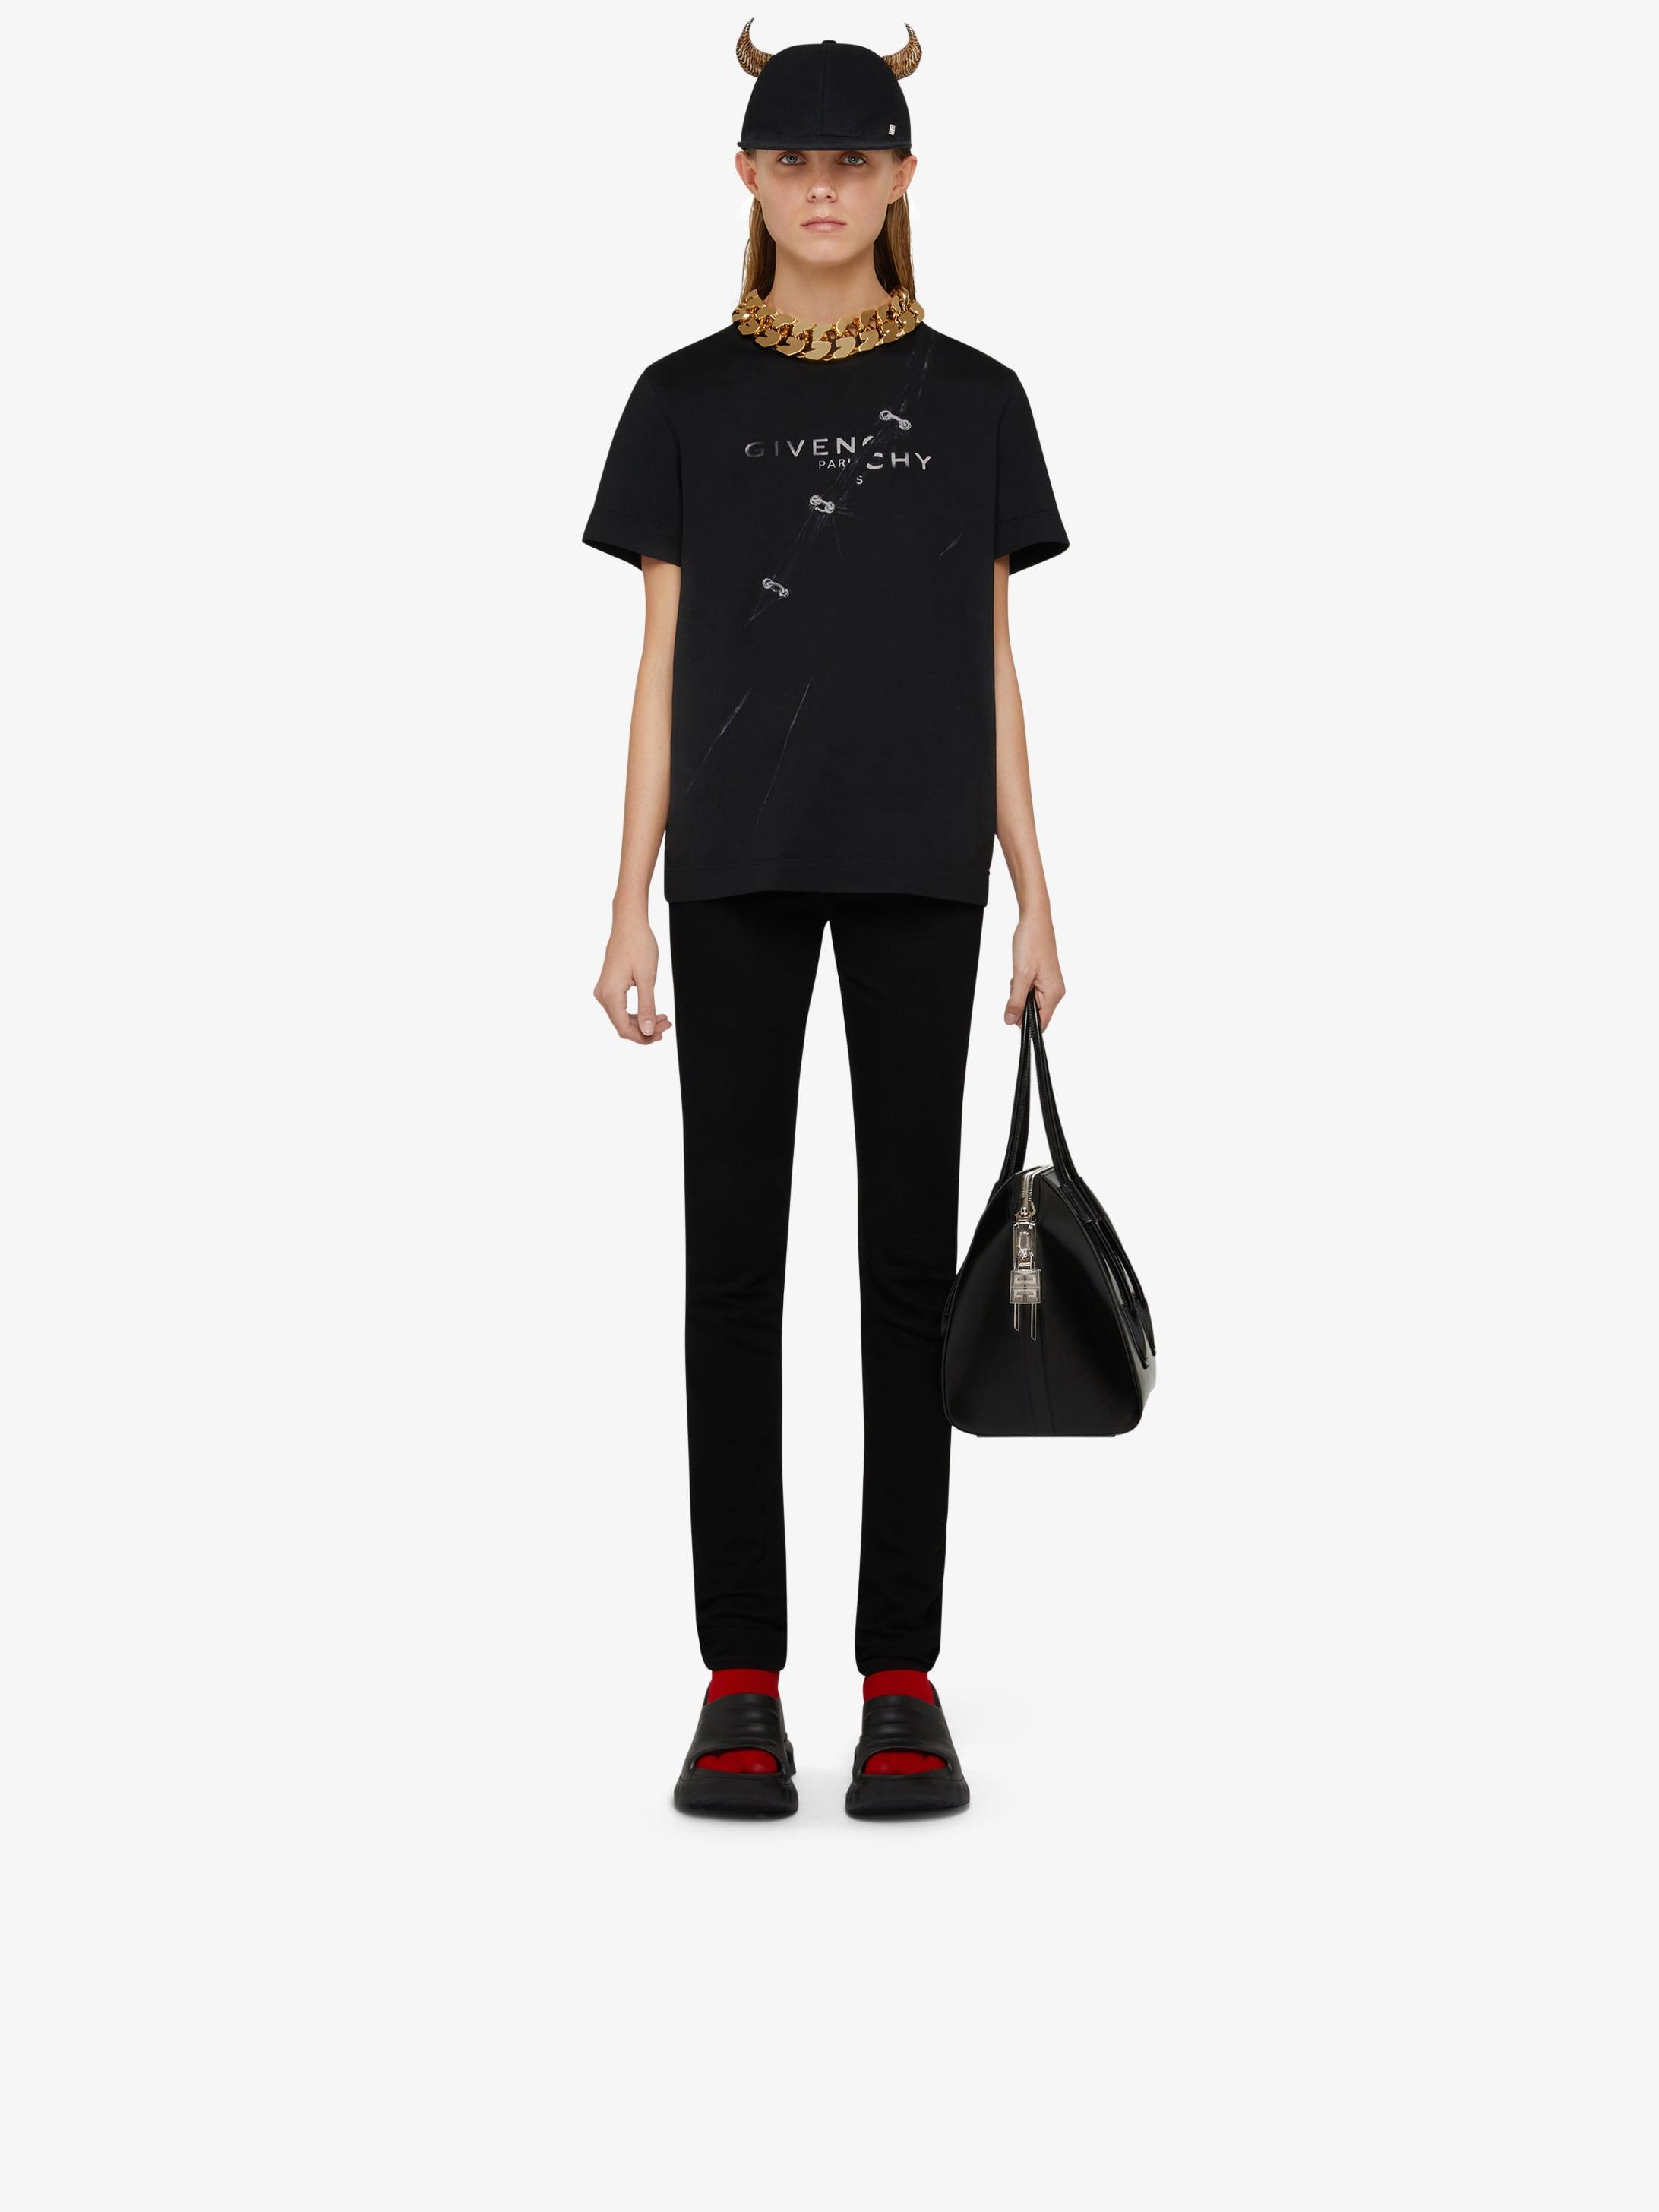 GIVENCHY t-shirt trompe-l'œil effect